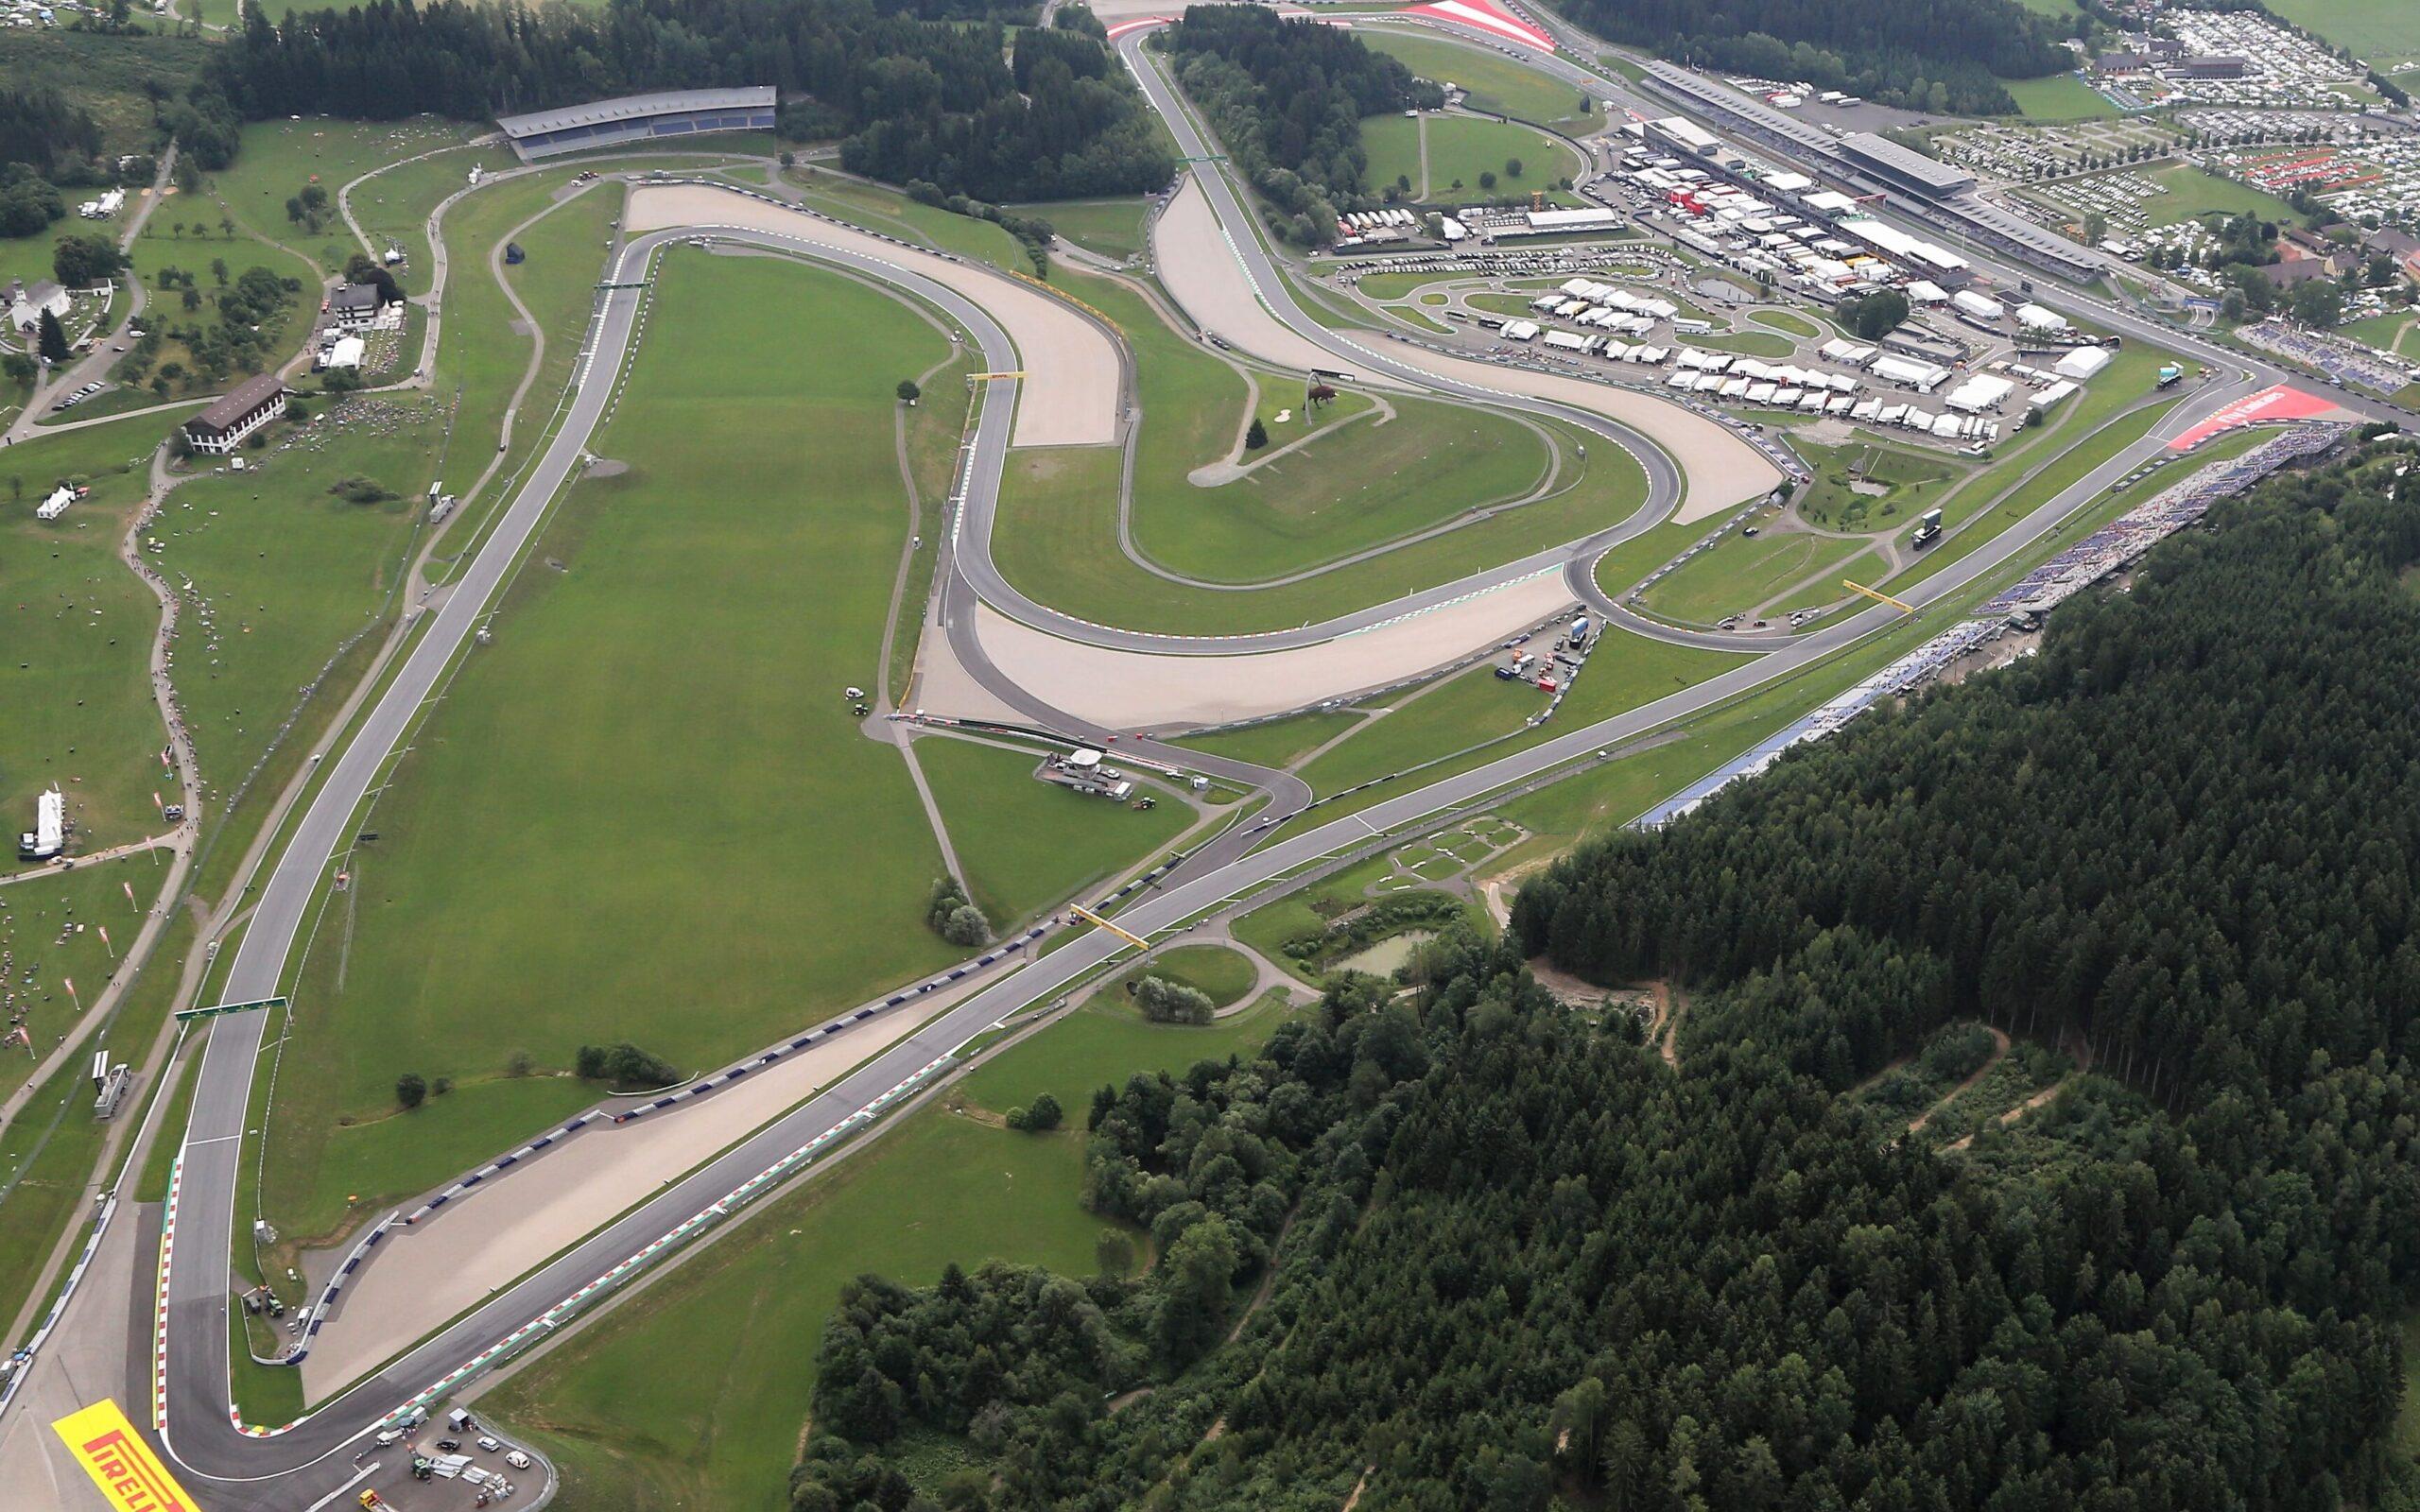 Meteo Spielberg: Previsioni meteo per la gara di F1 in Austria.